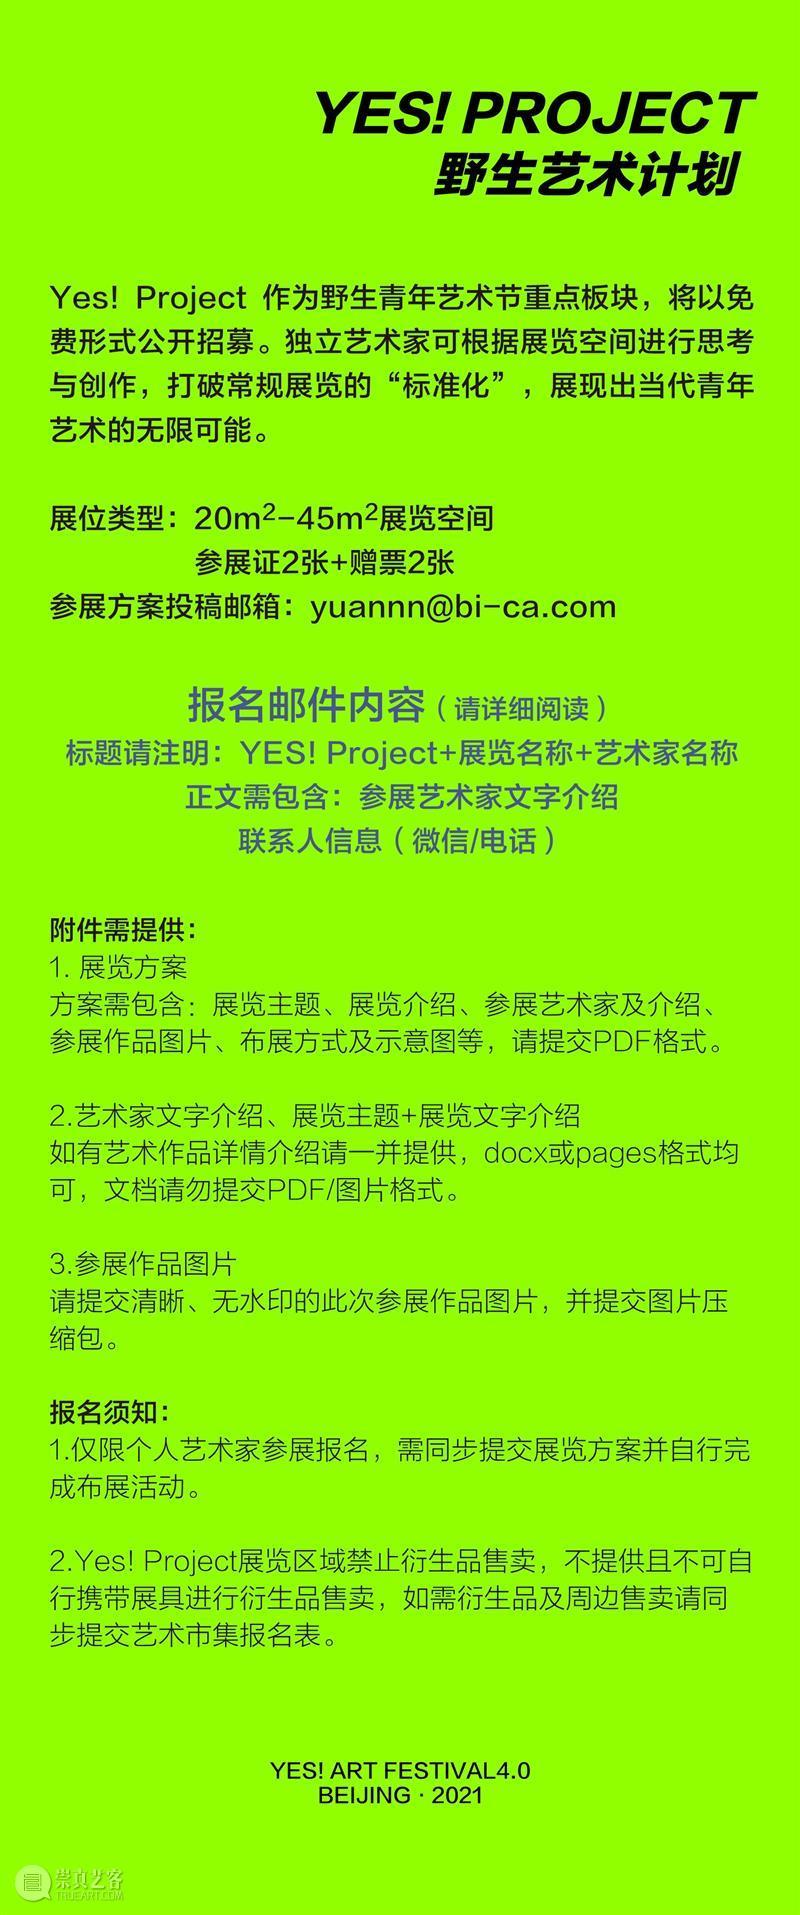 开启报名—北京时代美术馆6月携手2021野生青年艺术节 视频资讯 YAF 青年 艺术节 北京时代美术馆 杭州 纪录 短片 现场 主办方 Islands Art 崇真艺客